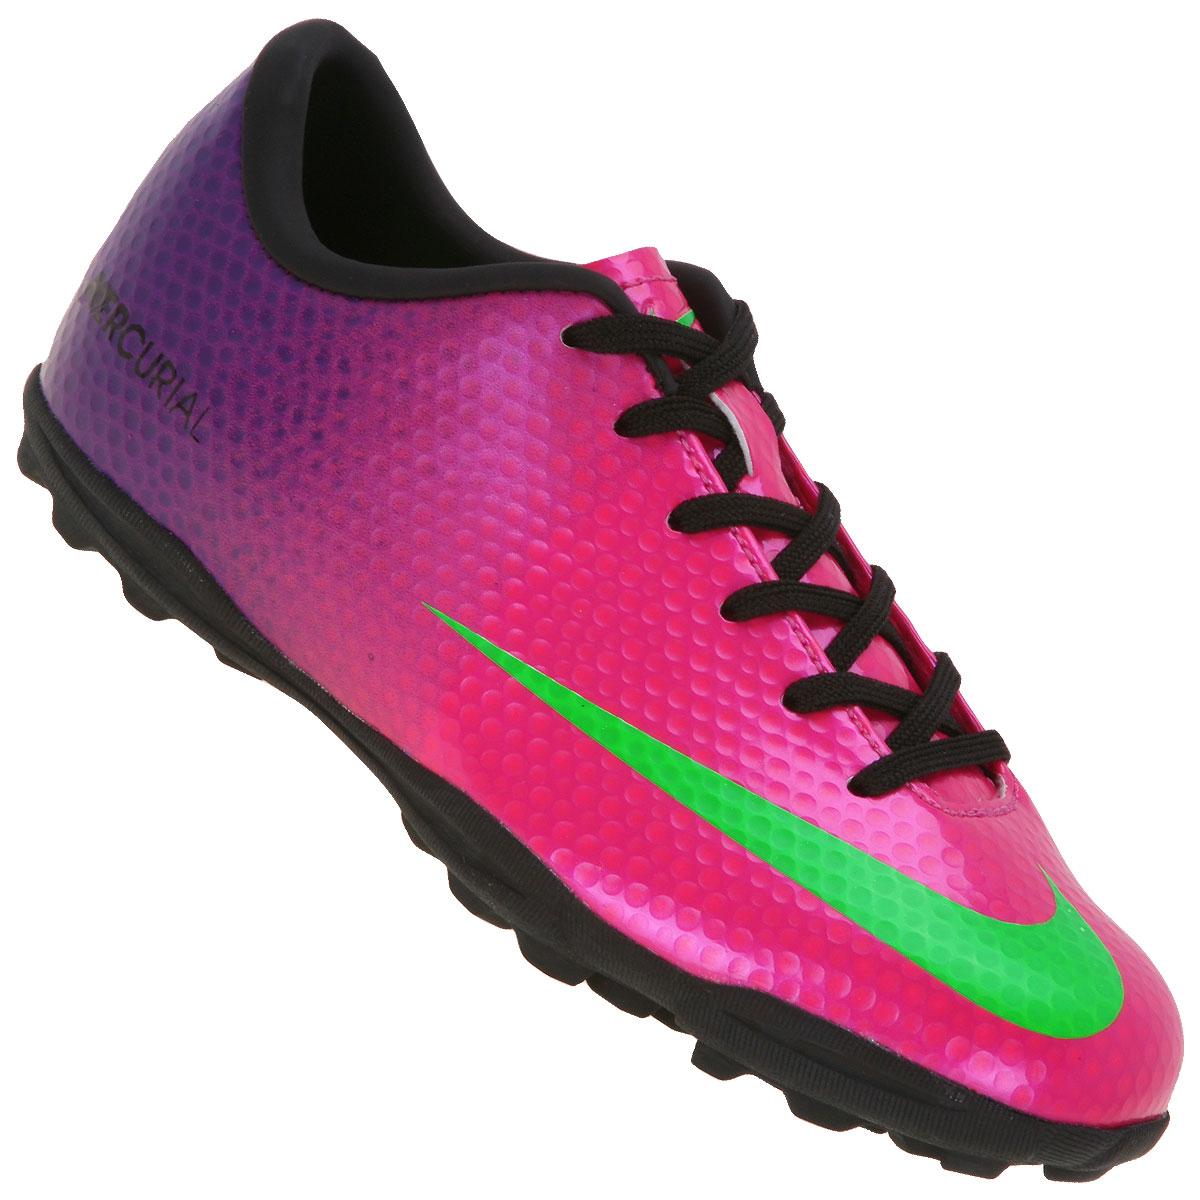 Atualizações para Pes 2013   Chuteira Nike Mercurial Victory IV TF 49b7c05f3d49d